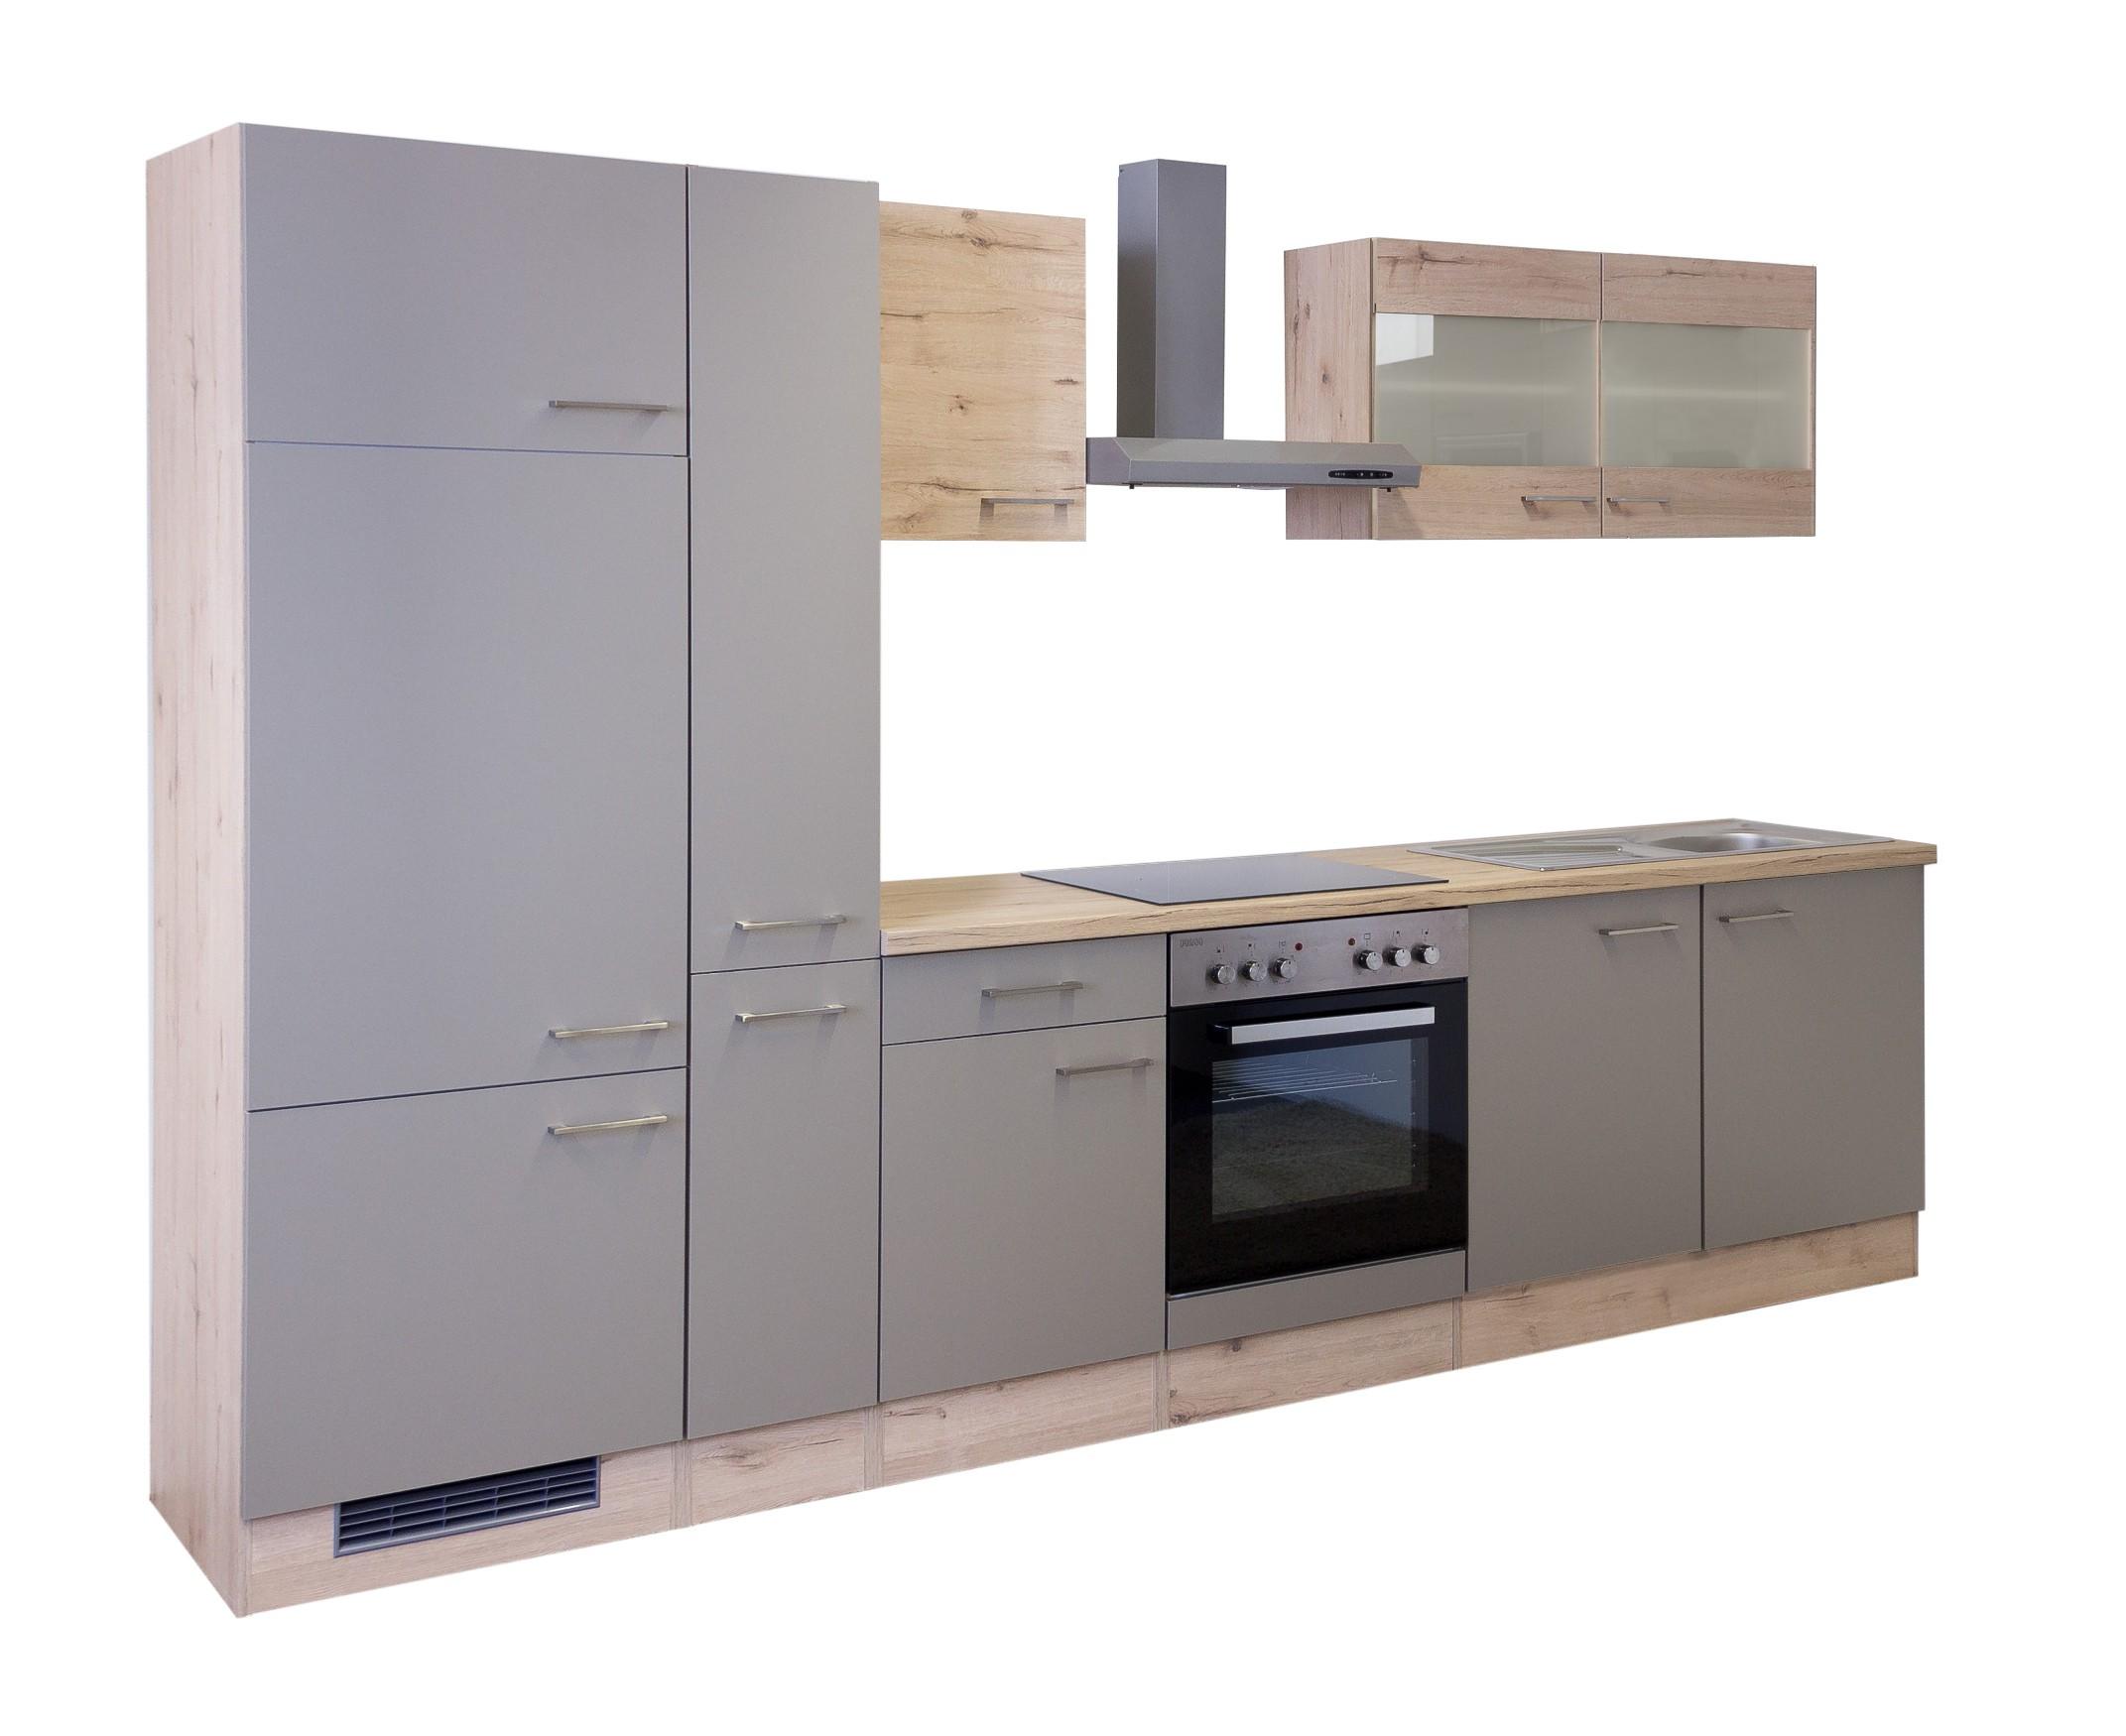 Küchenzeile RIVA Küchenblock mit Elektrogeräten 300 cm